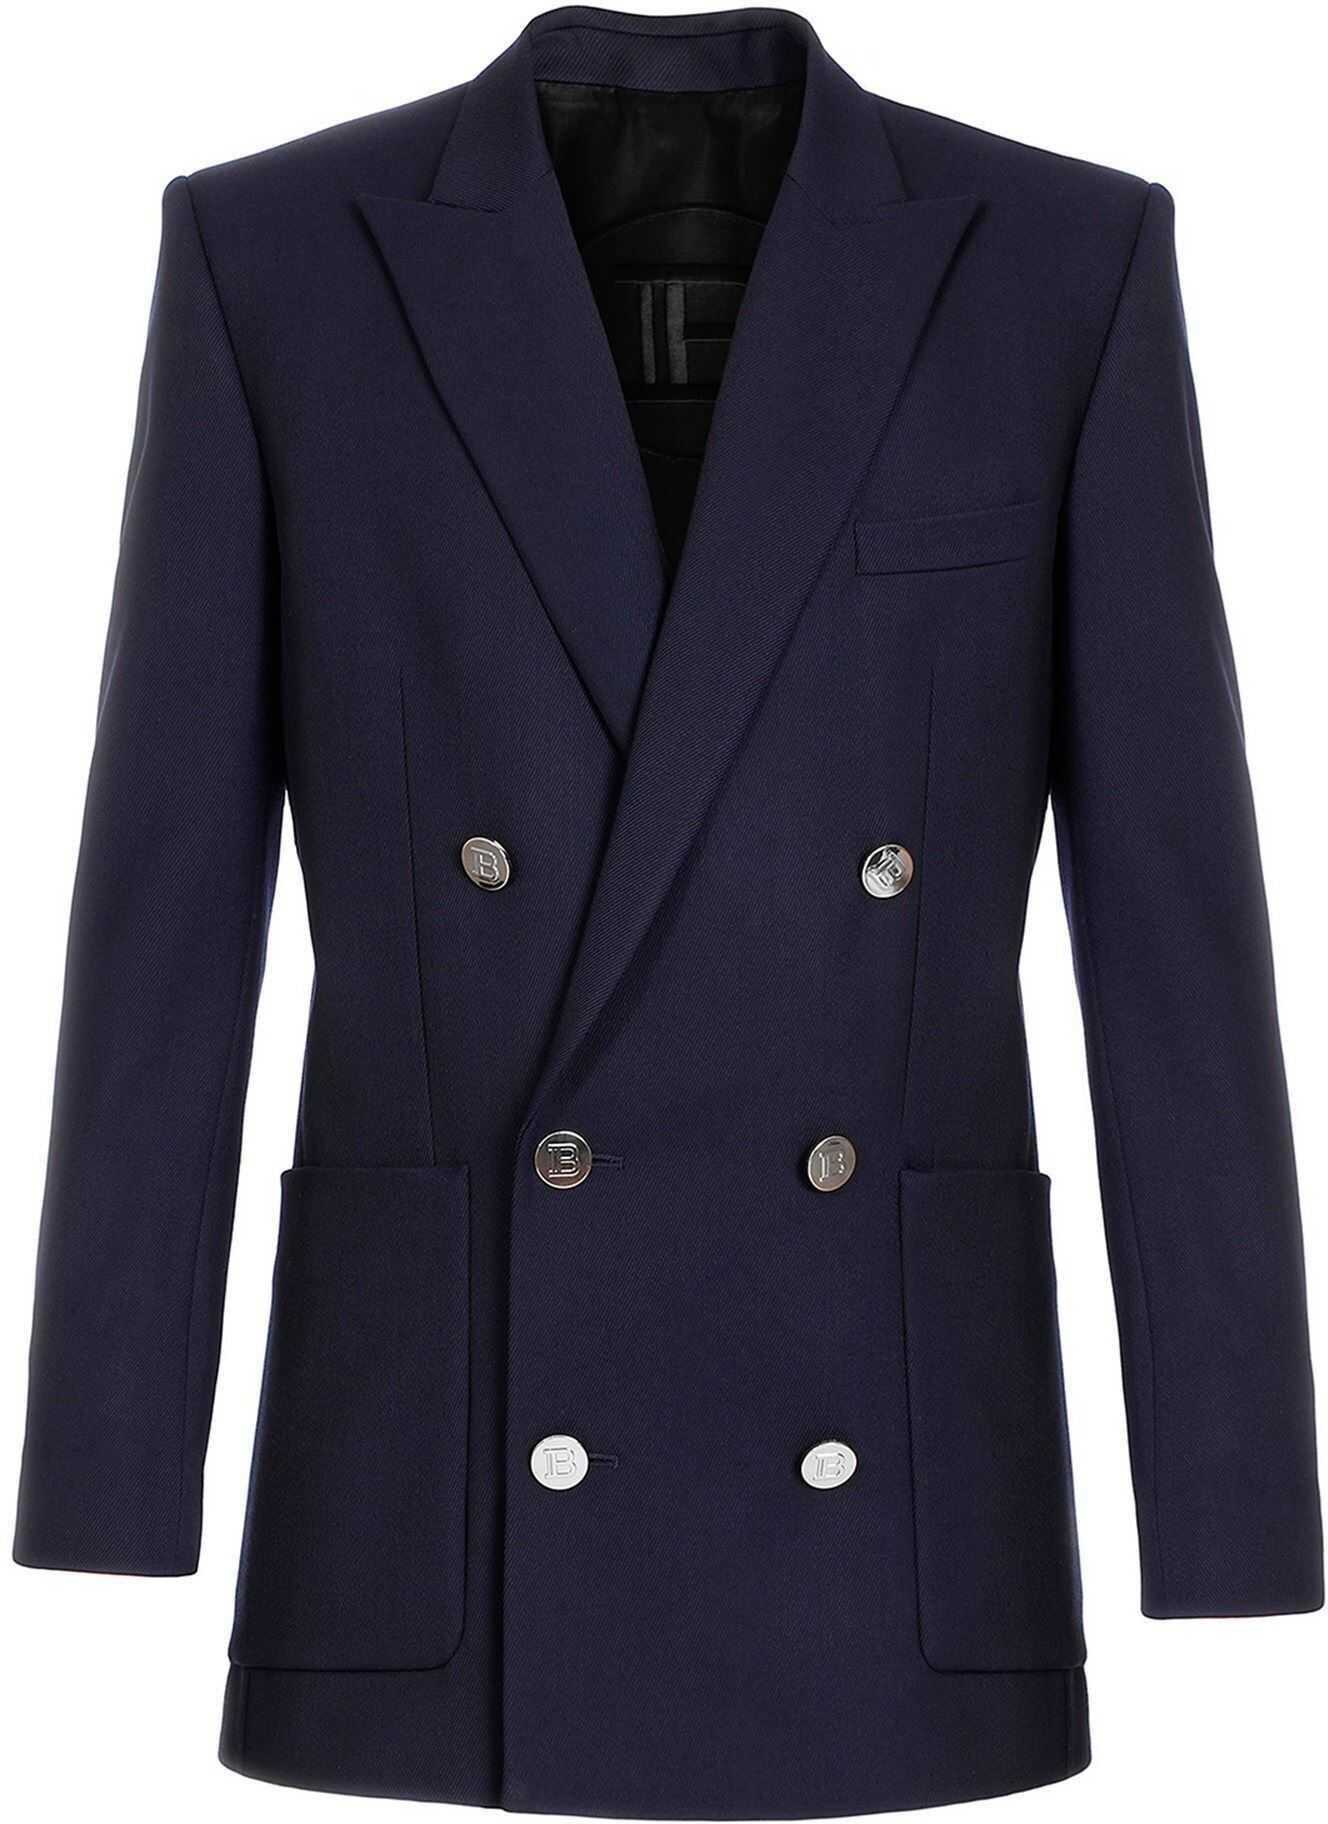 Balmain Virgin Wool Double Breasted Blazer In Blue Blue imagine